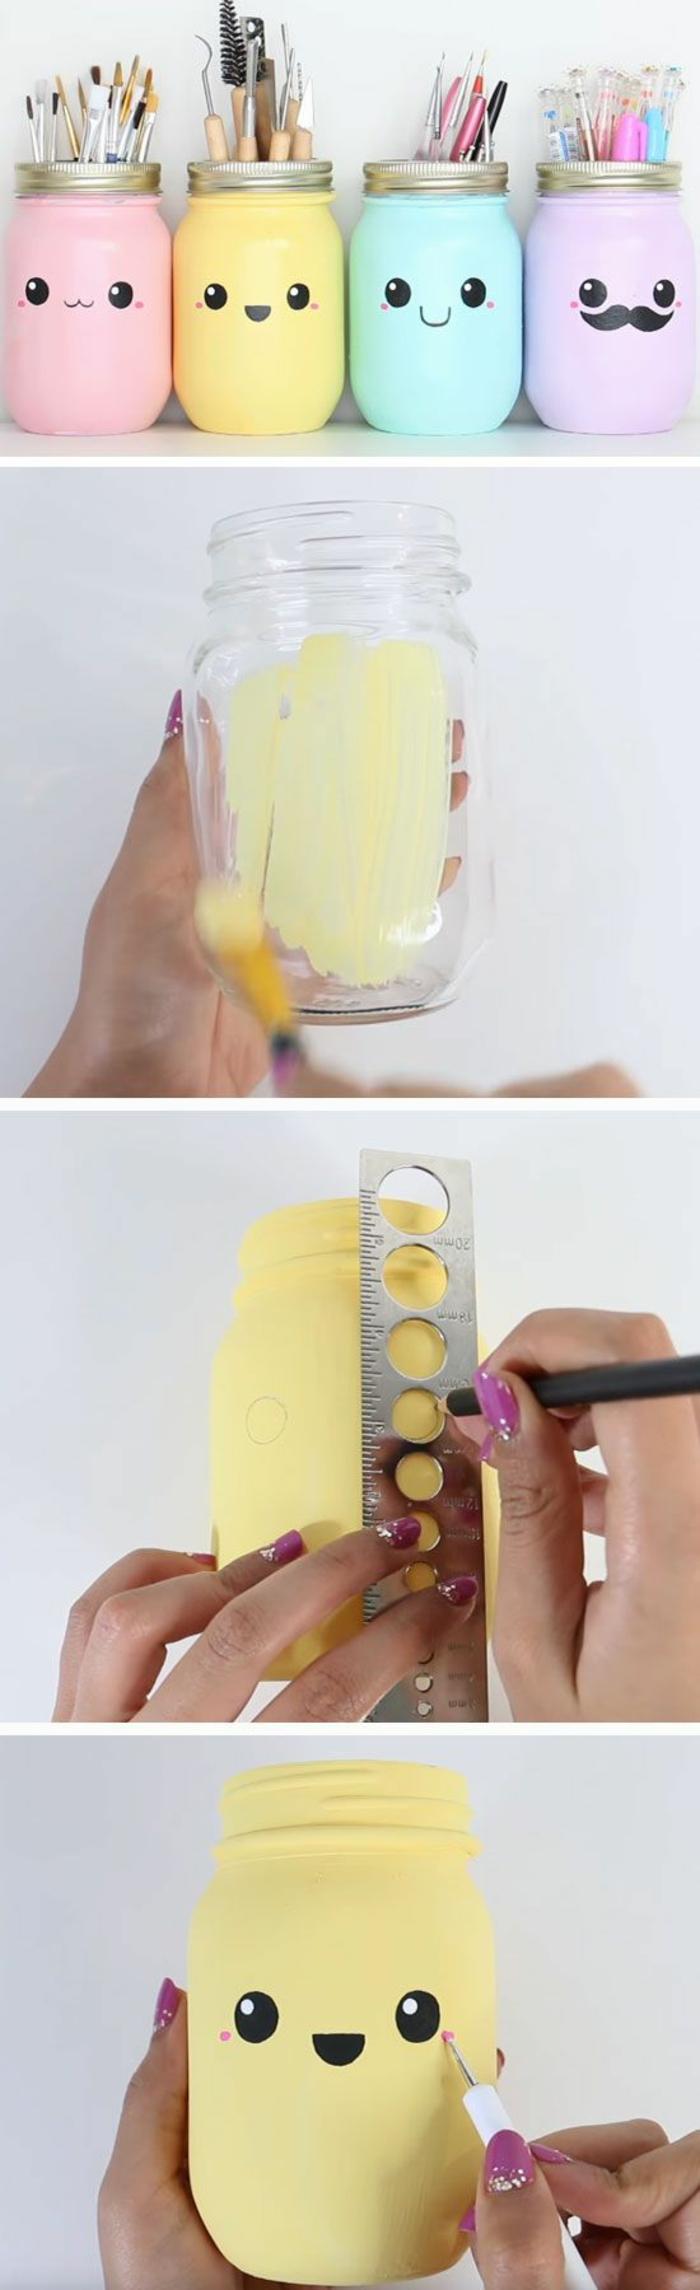 Tutorial per creare delle portapenne da barattoli di vetro colorati e decorati